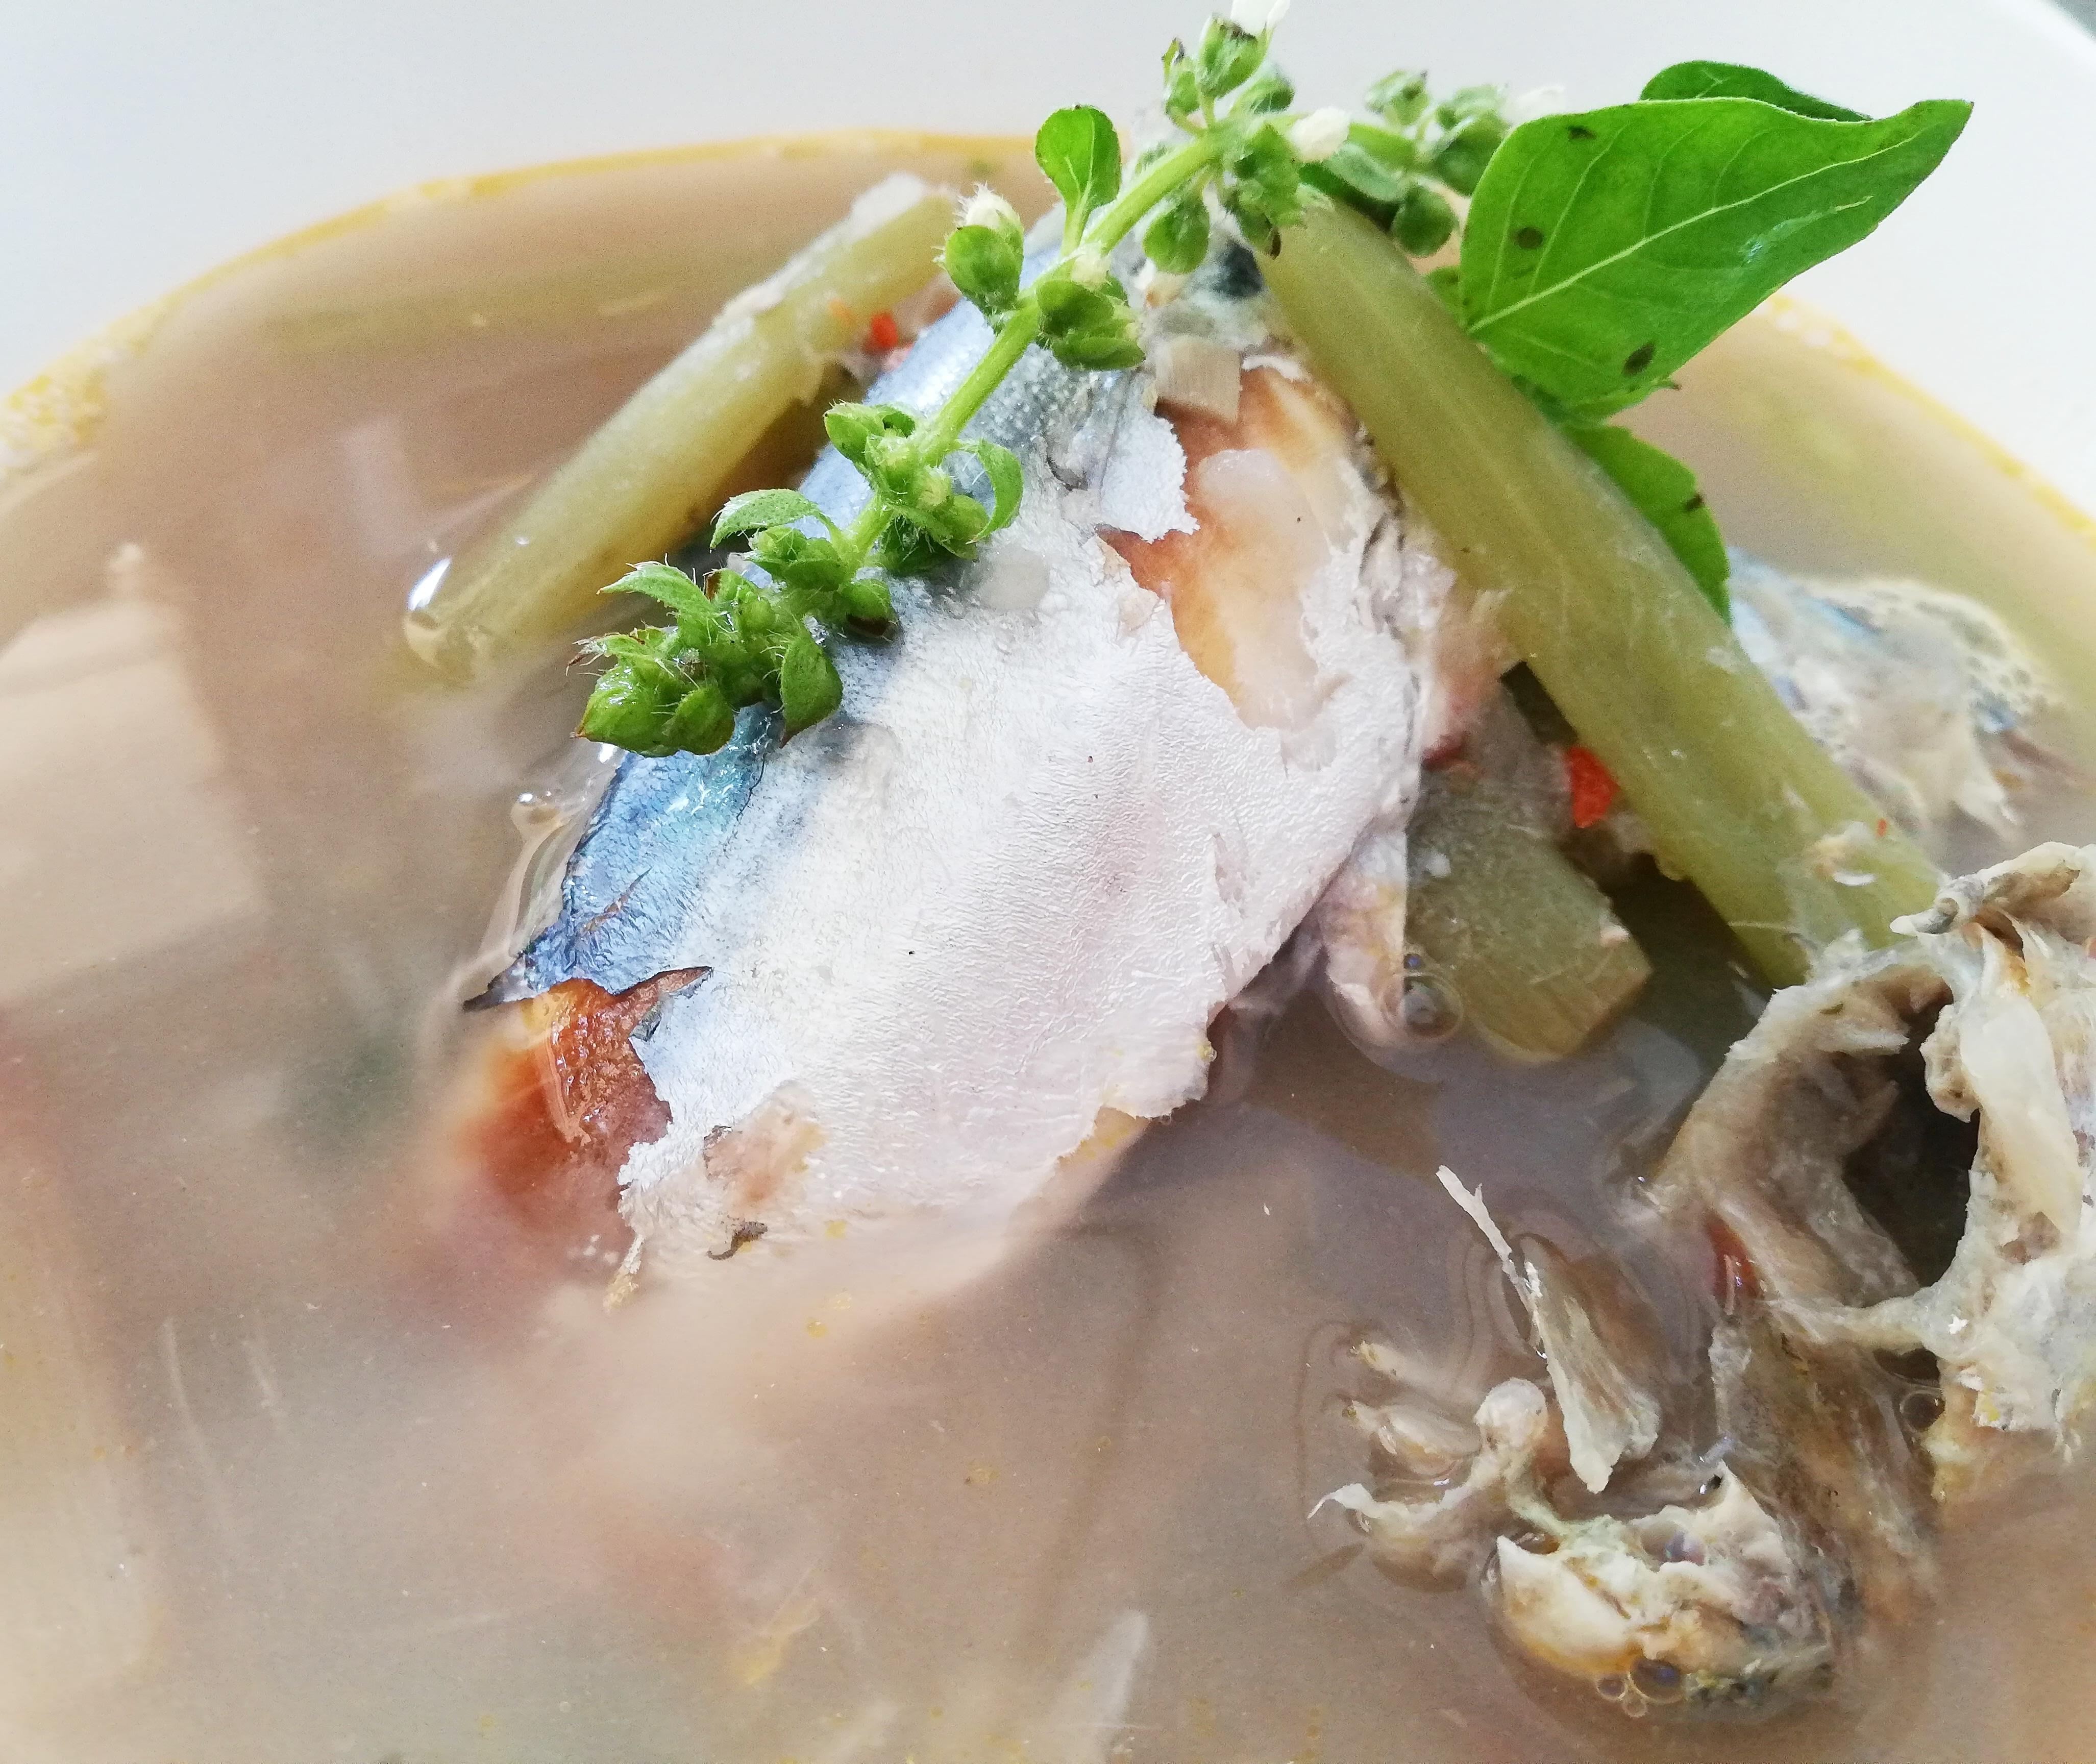 แกงสายบัวปลาทูหอม สูตรอาหาร วิธีทำ แม่บ้าน